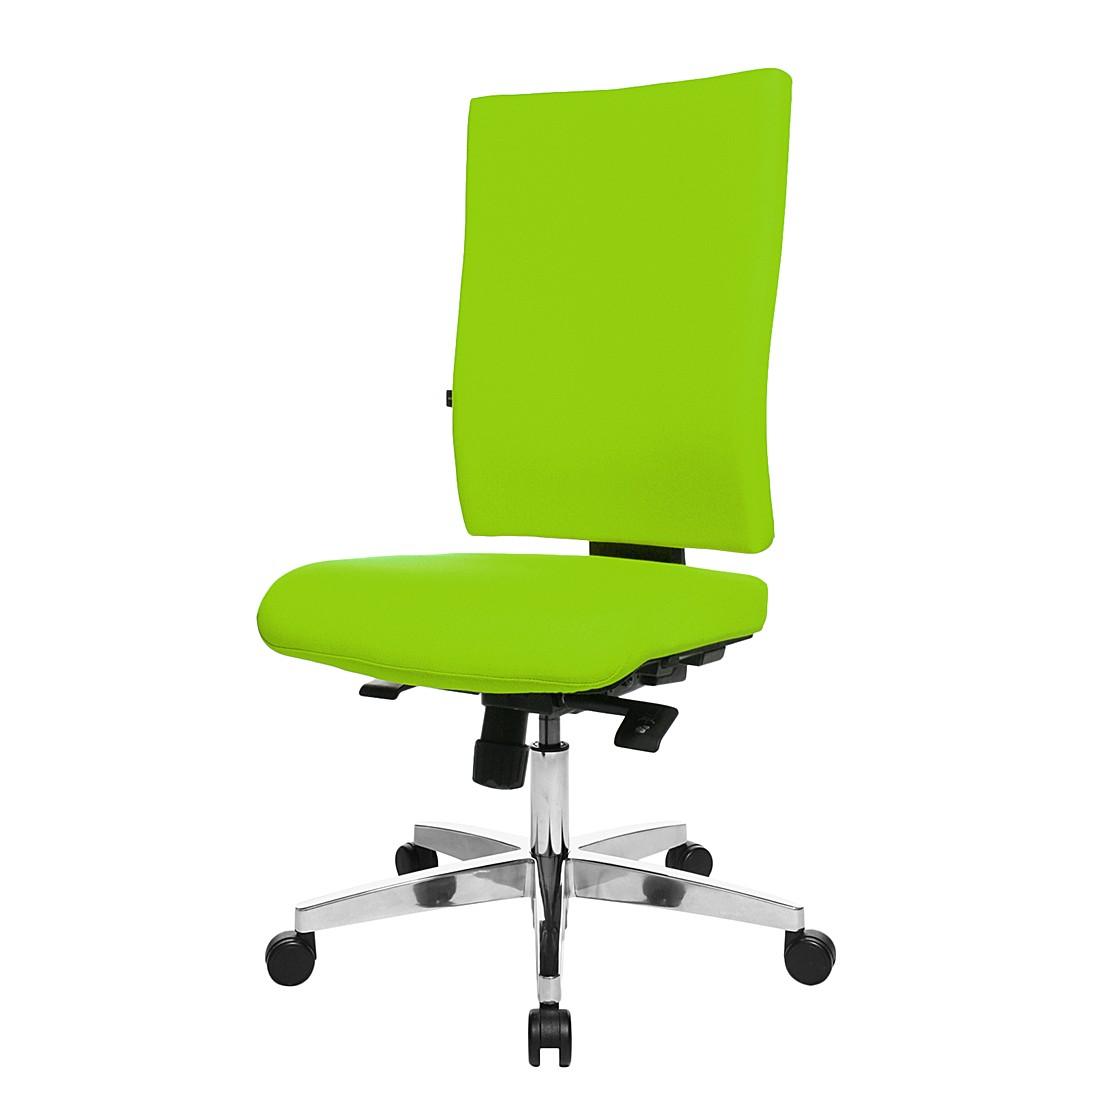 Bürodrehstuhl Lightstar 20 - Ohne Armlehnen - Grün, Topstar